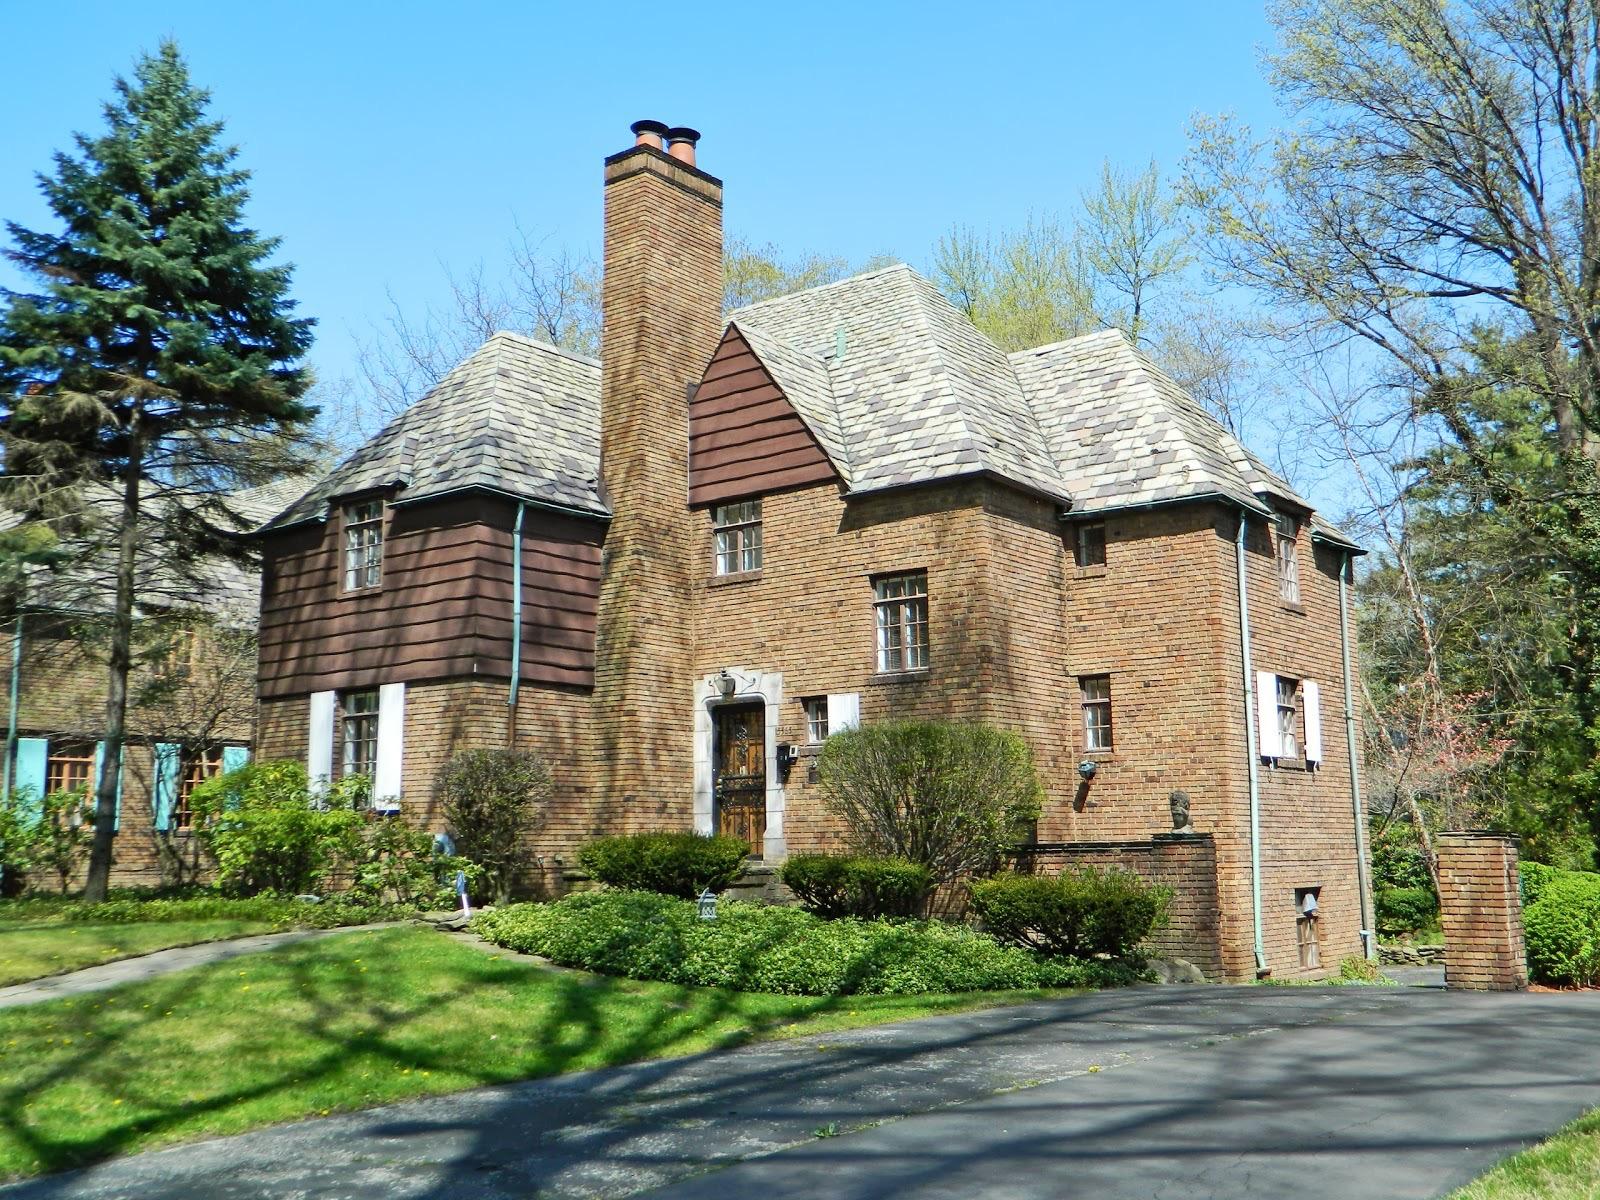 20130430077 E Cleveland Forest Hills 15565 Brewster 1 For Sale.jpg